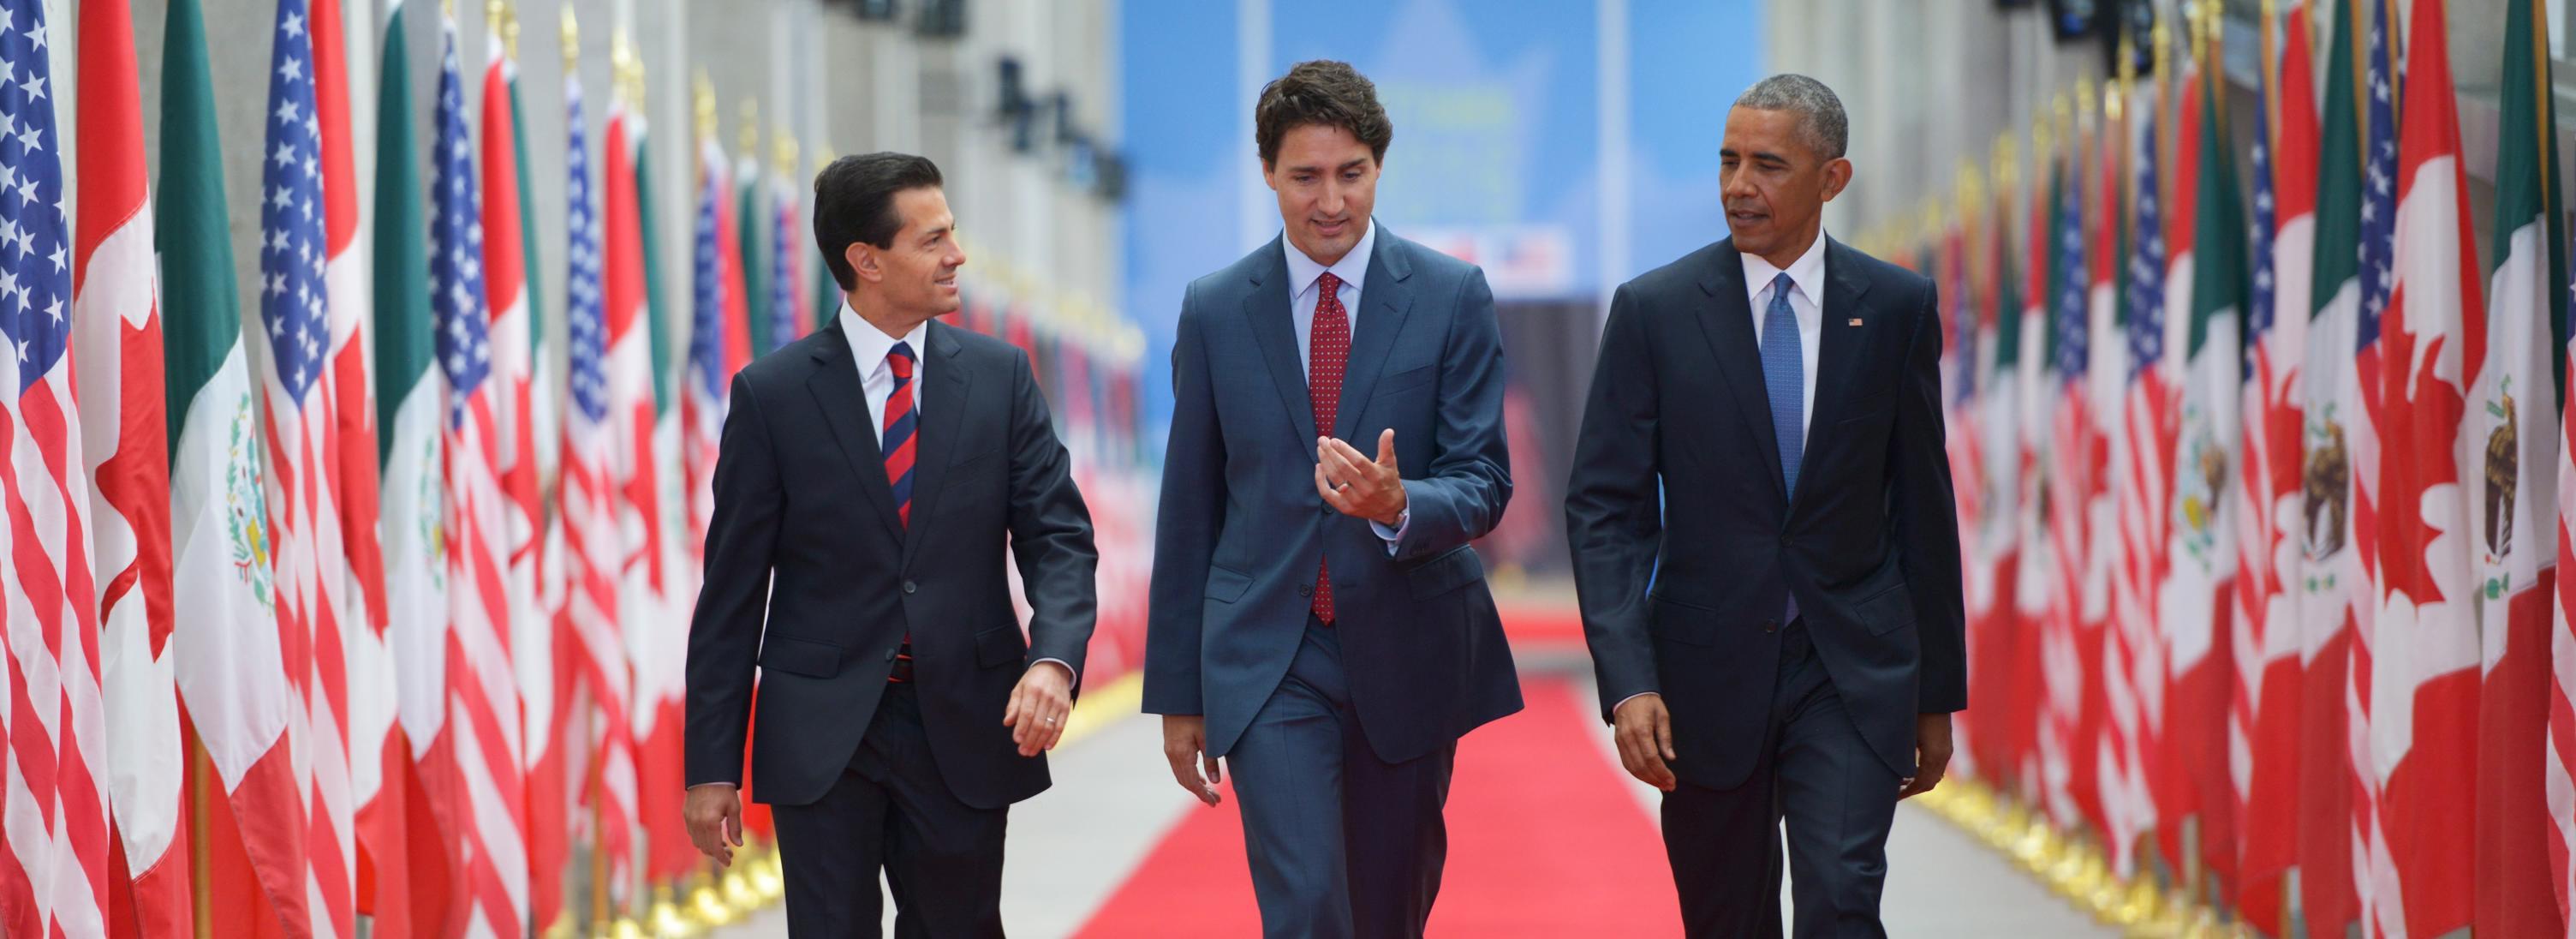 La última Cumbre de Líderes de América del Norte se celebró en Toluca, México, el 19 de febrero de 2014.